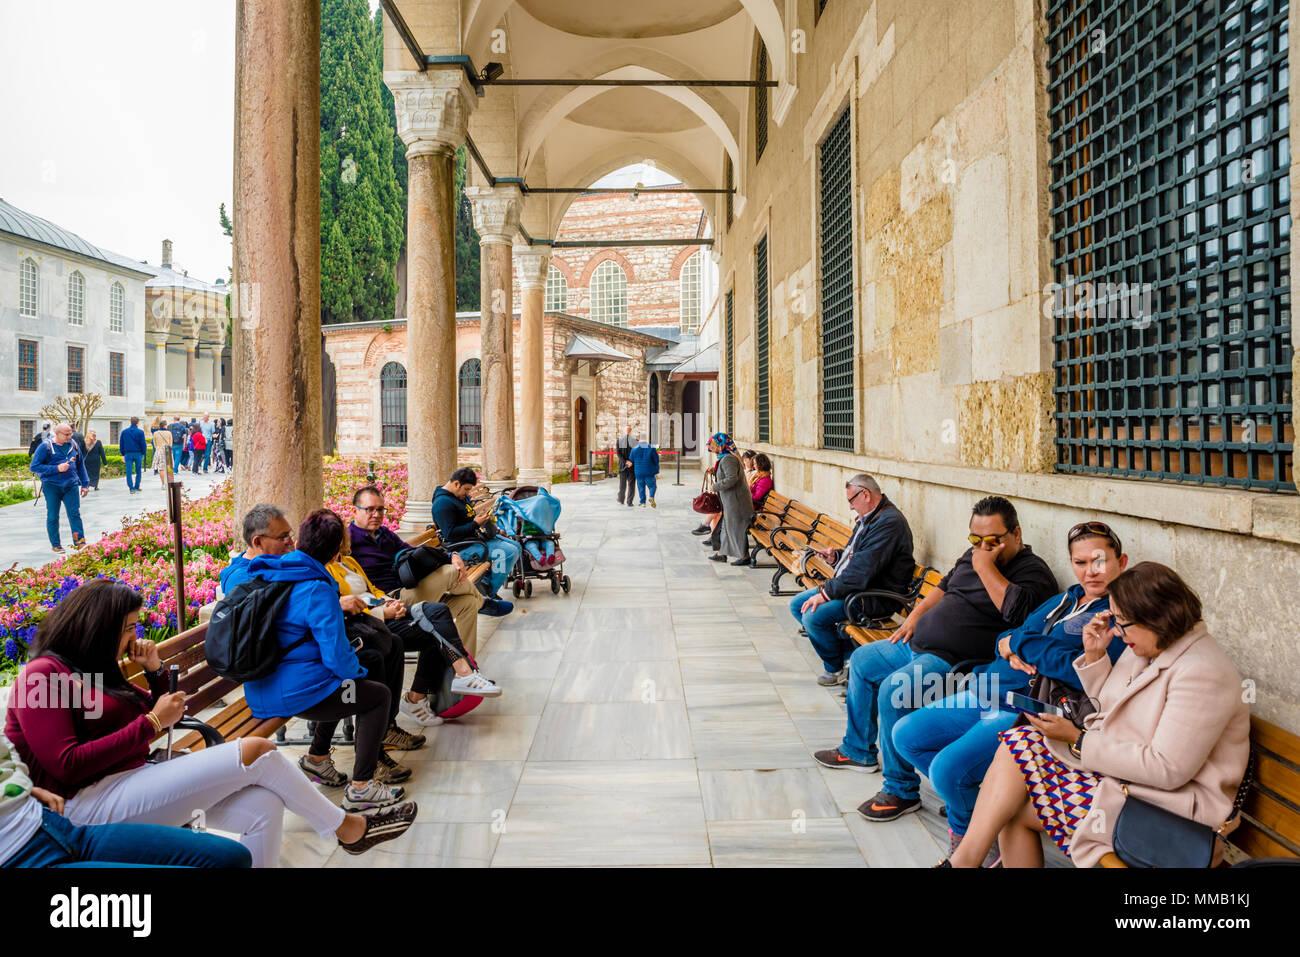 Nicht identifizierte Personen besuchen Sie den Topkapi Palast, ein großes Museum, in Istanbul, Türkei, 11. April 2018 Stockbild